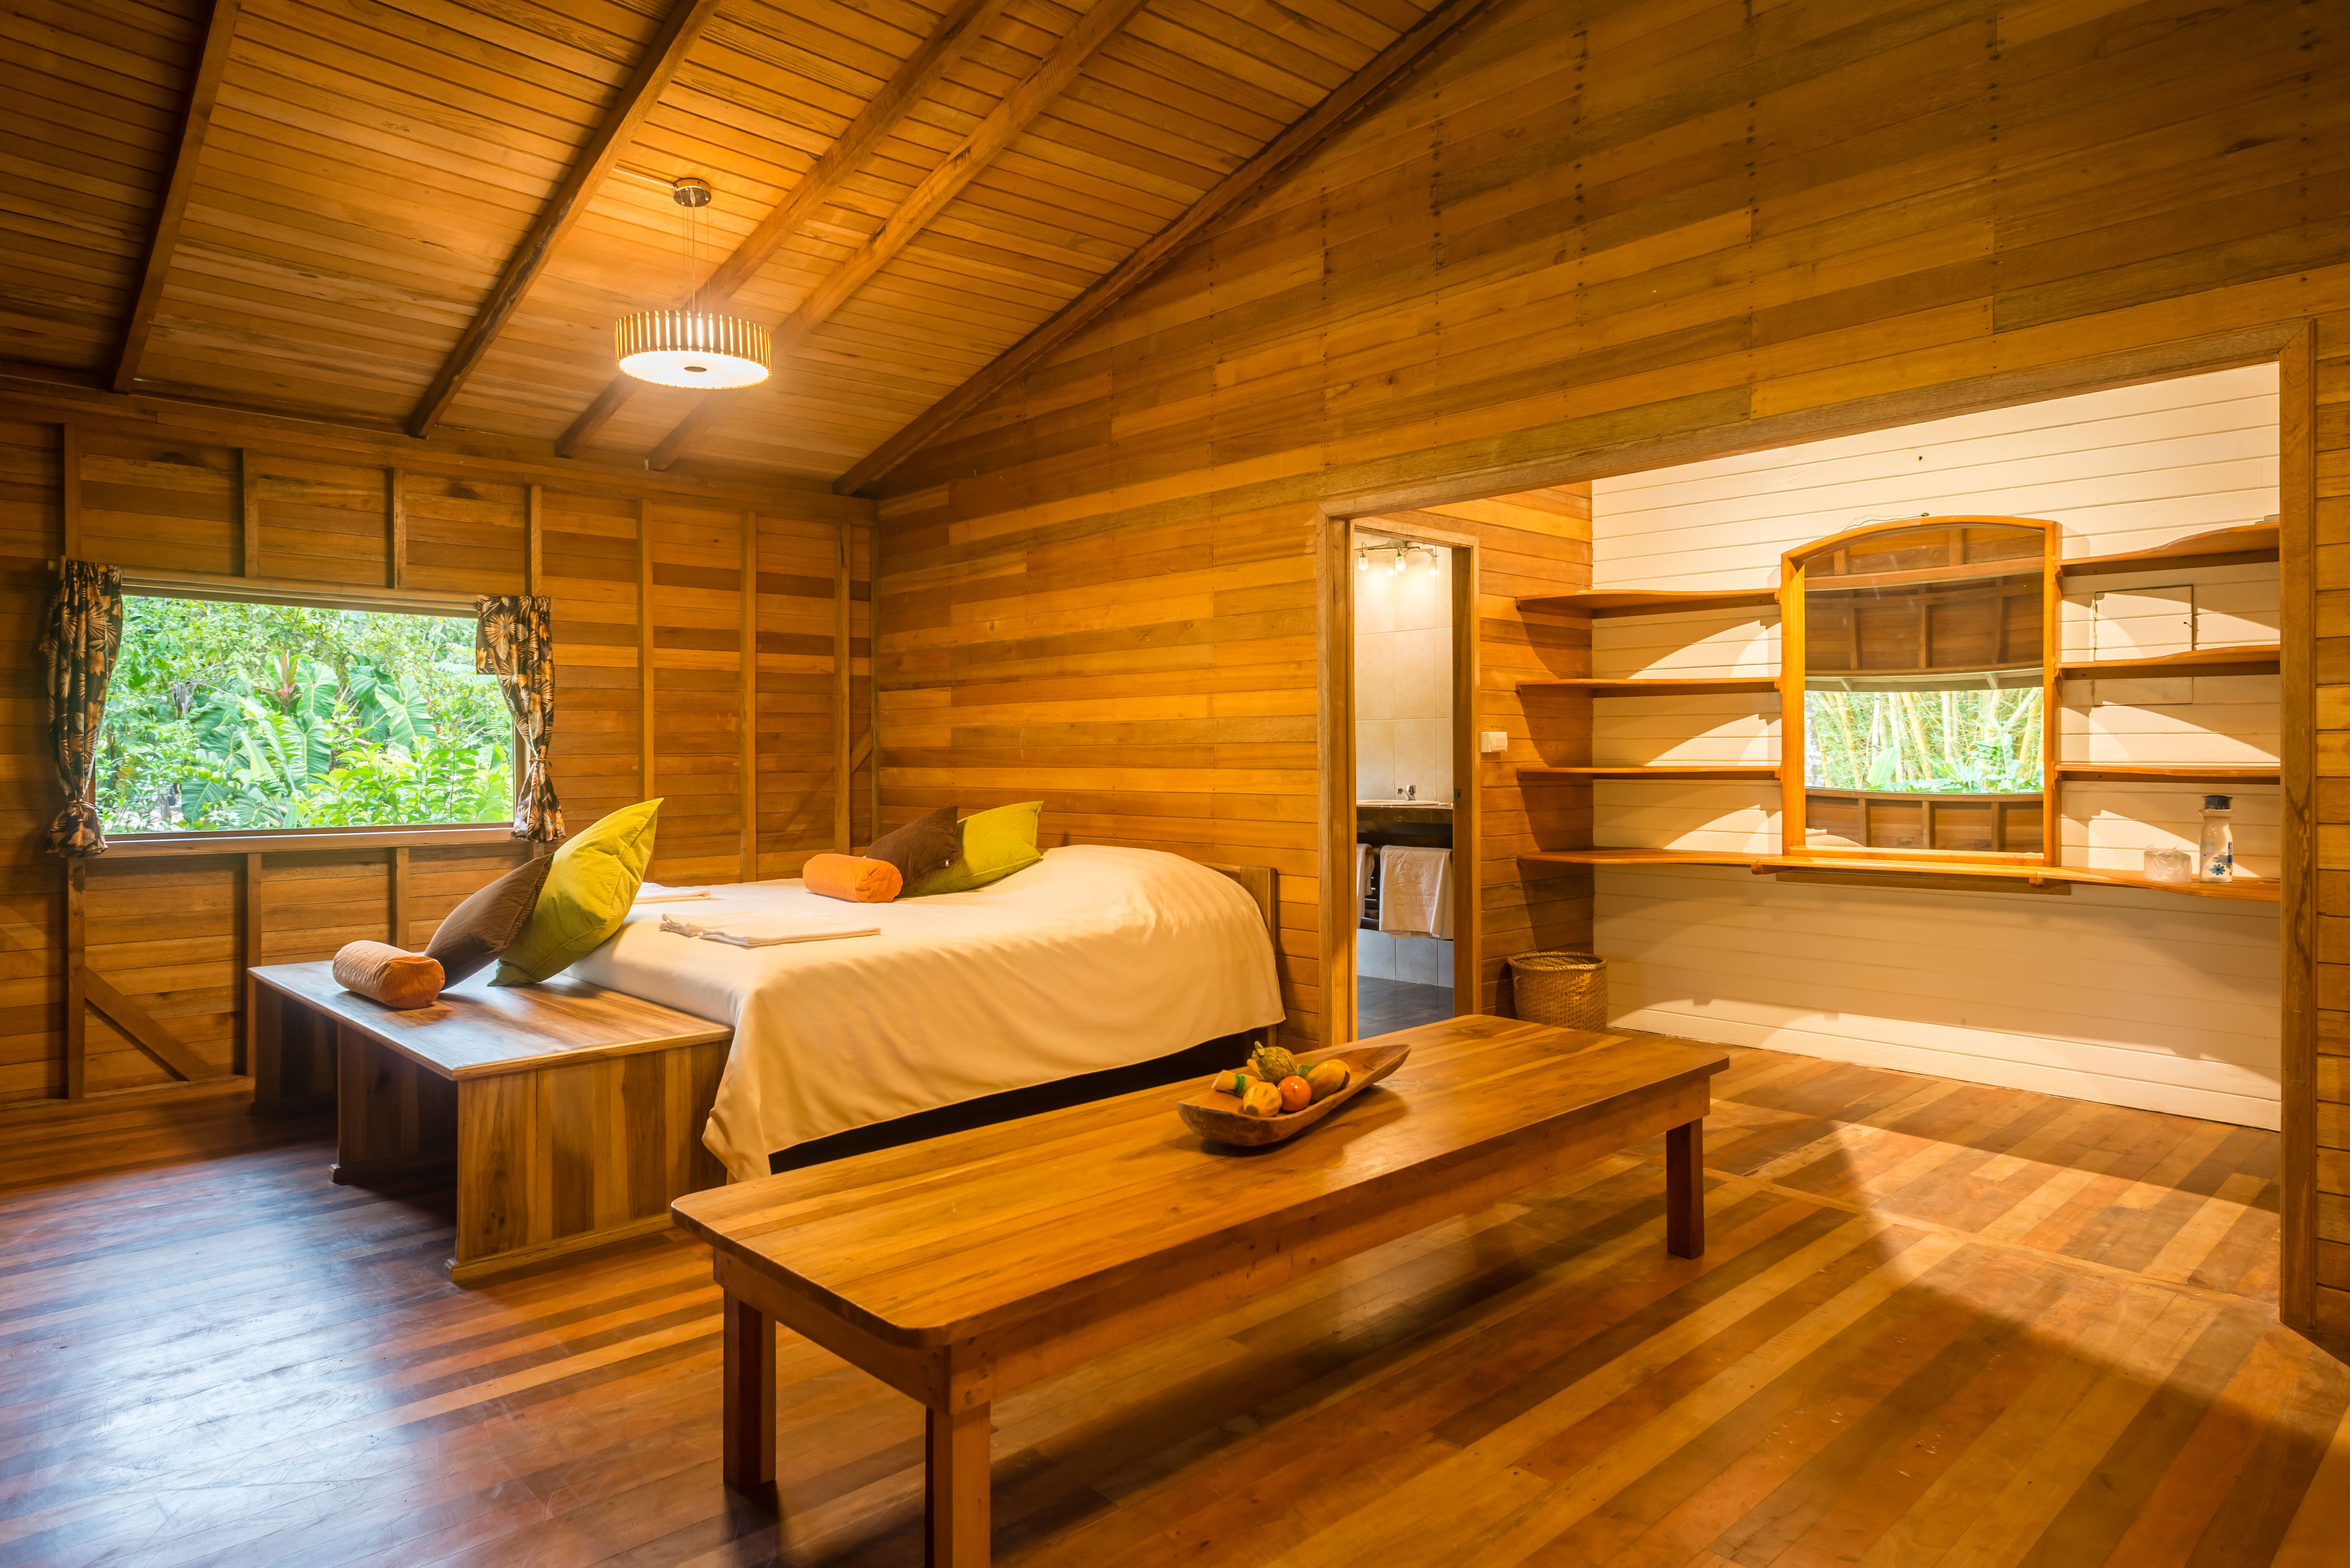 Hoster a hakuna matata habitaciones precios for Habitaciones prefabricadas para terrazas